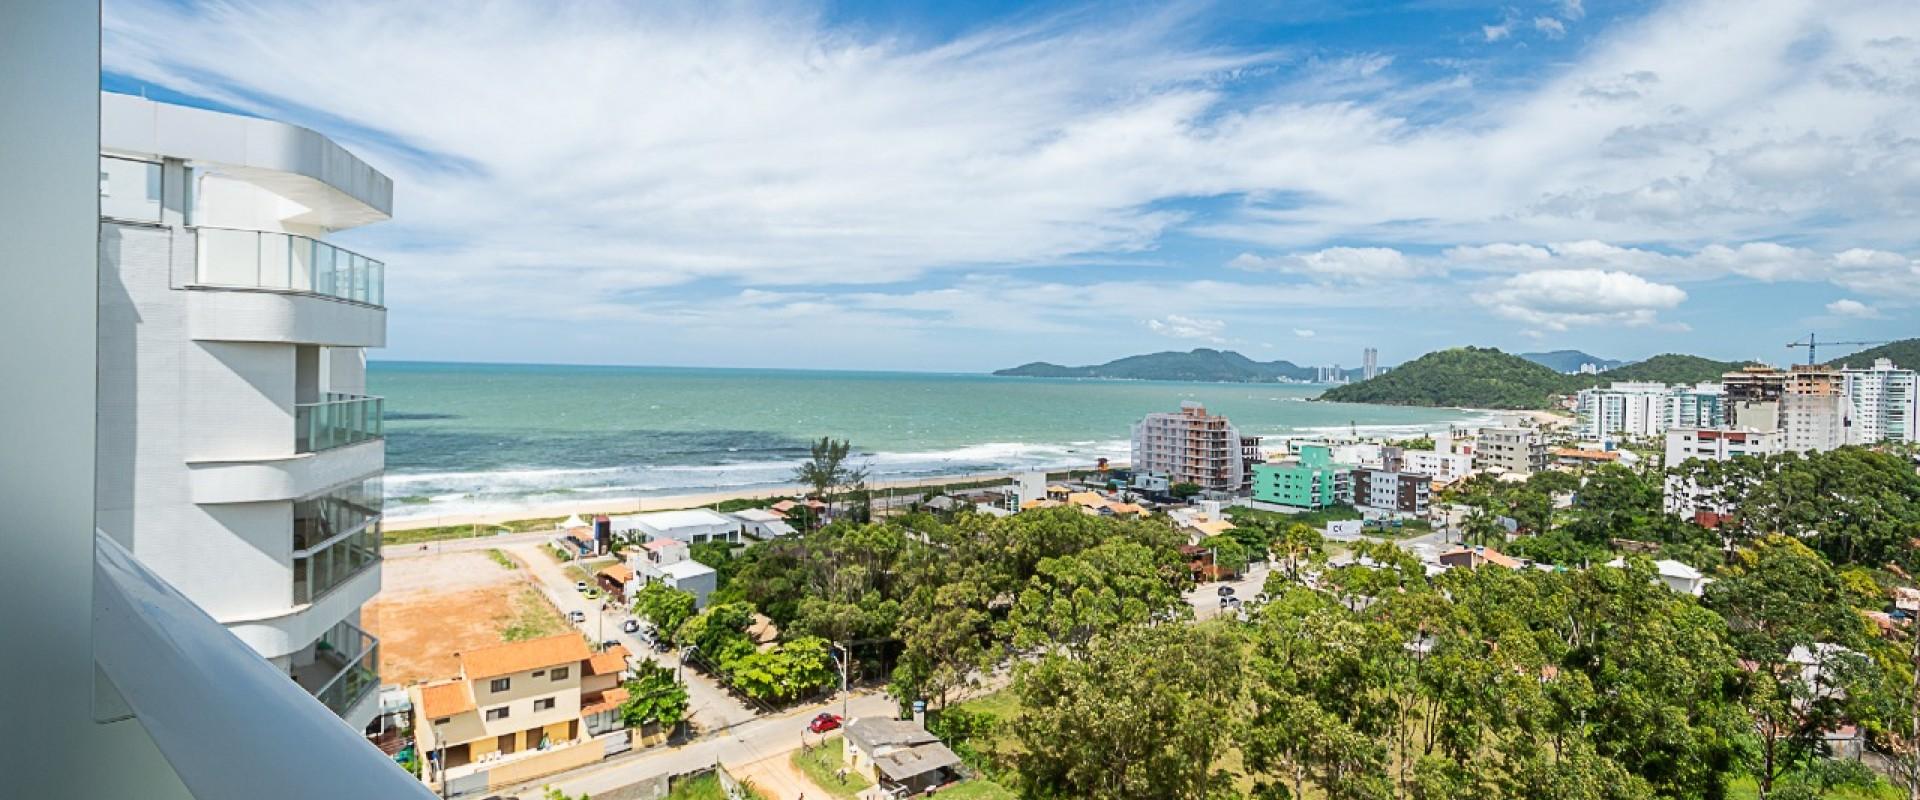 Amores da Brava Apartamento no Amores da Brava com vista para o mar na Praia Brava em Itajaí